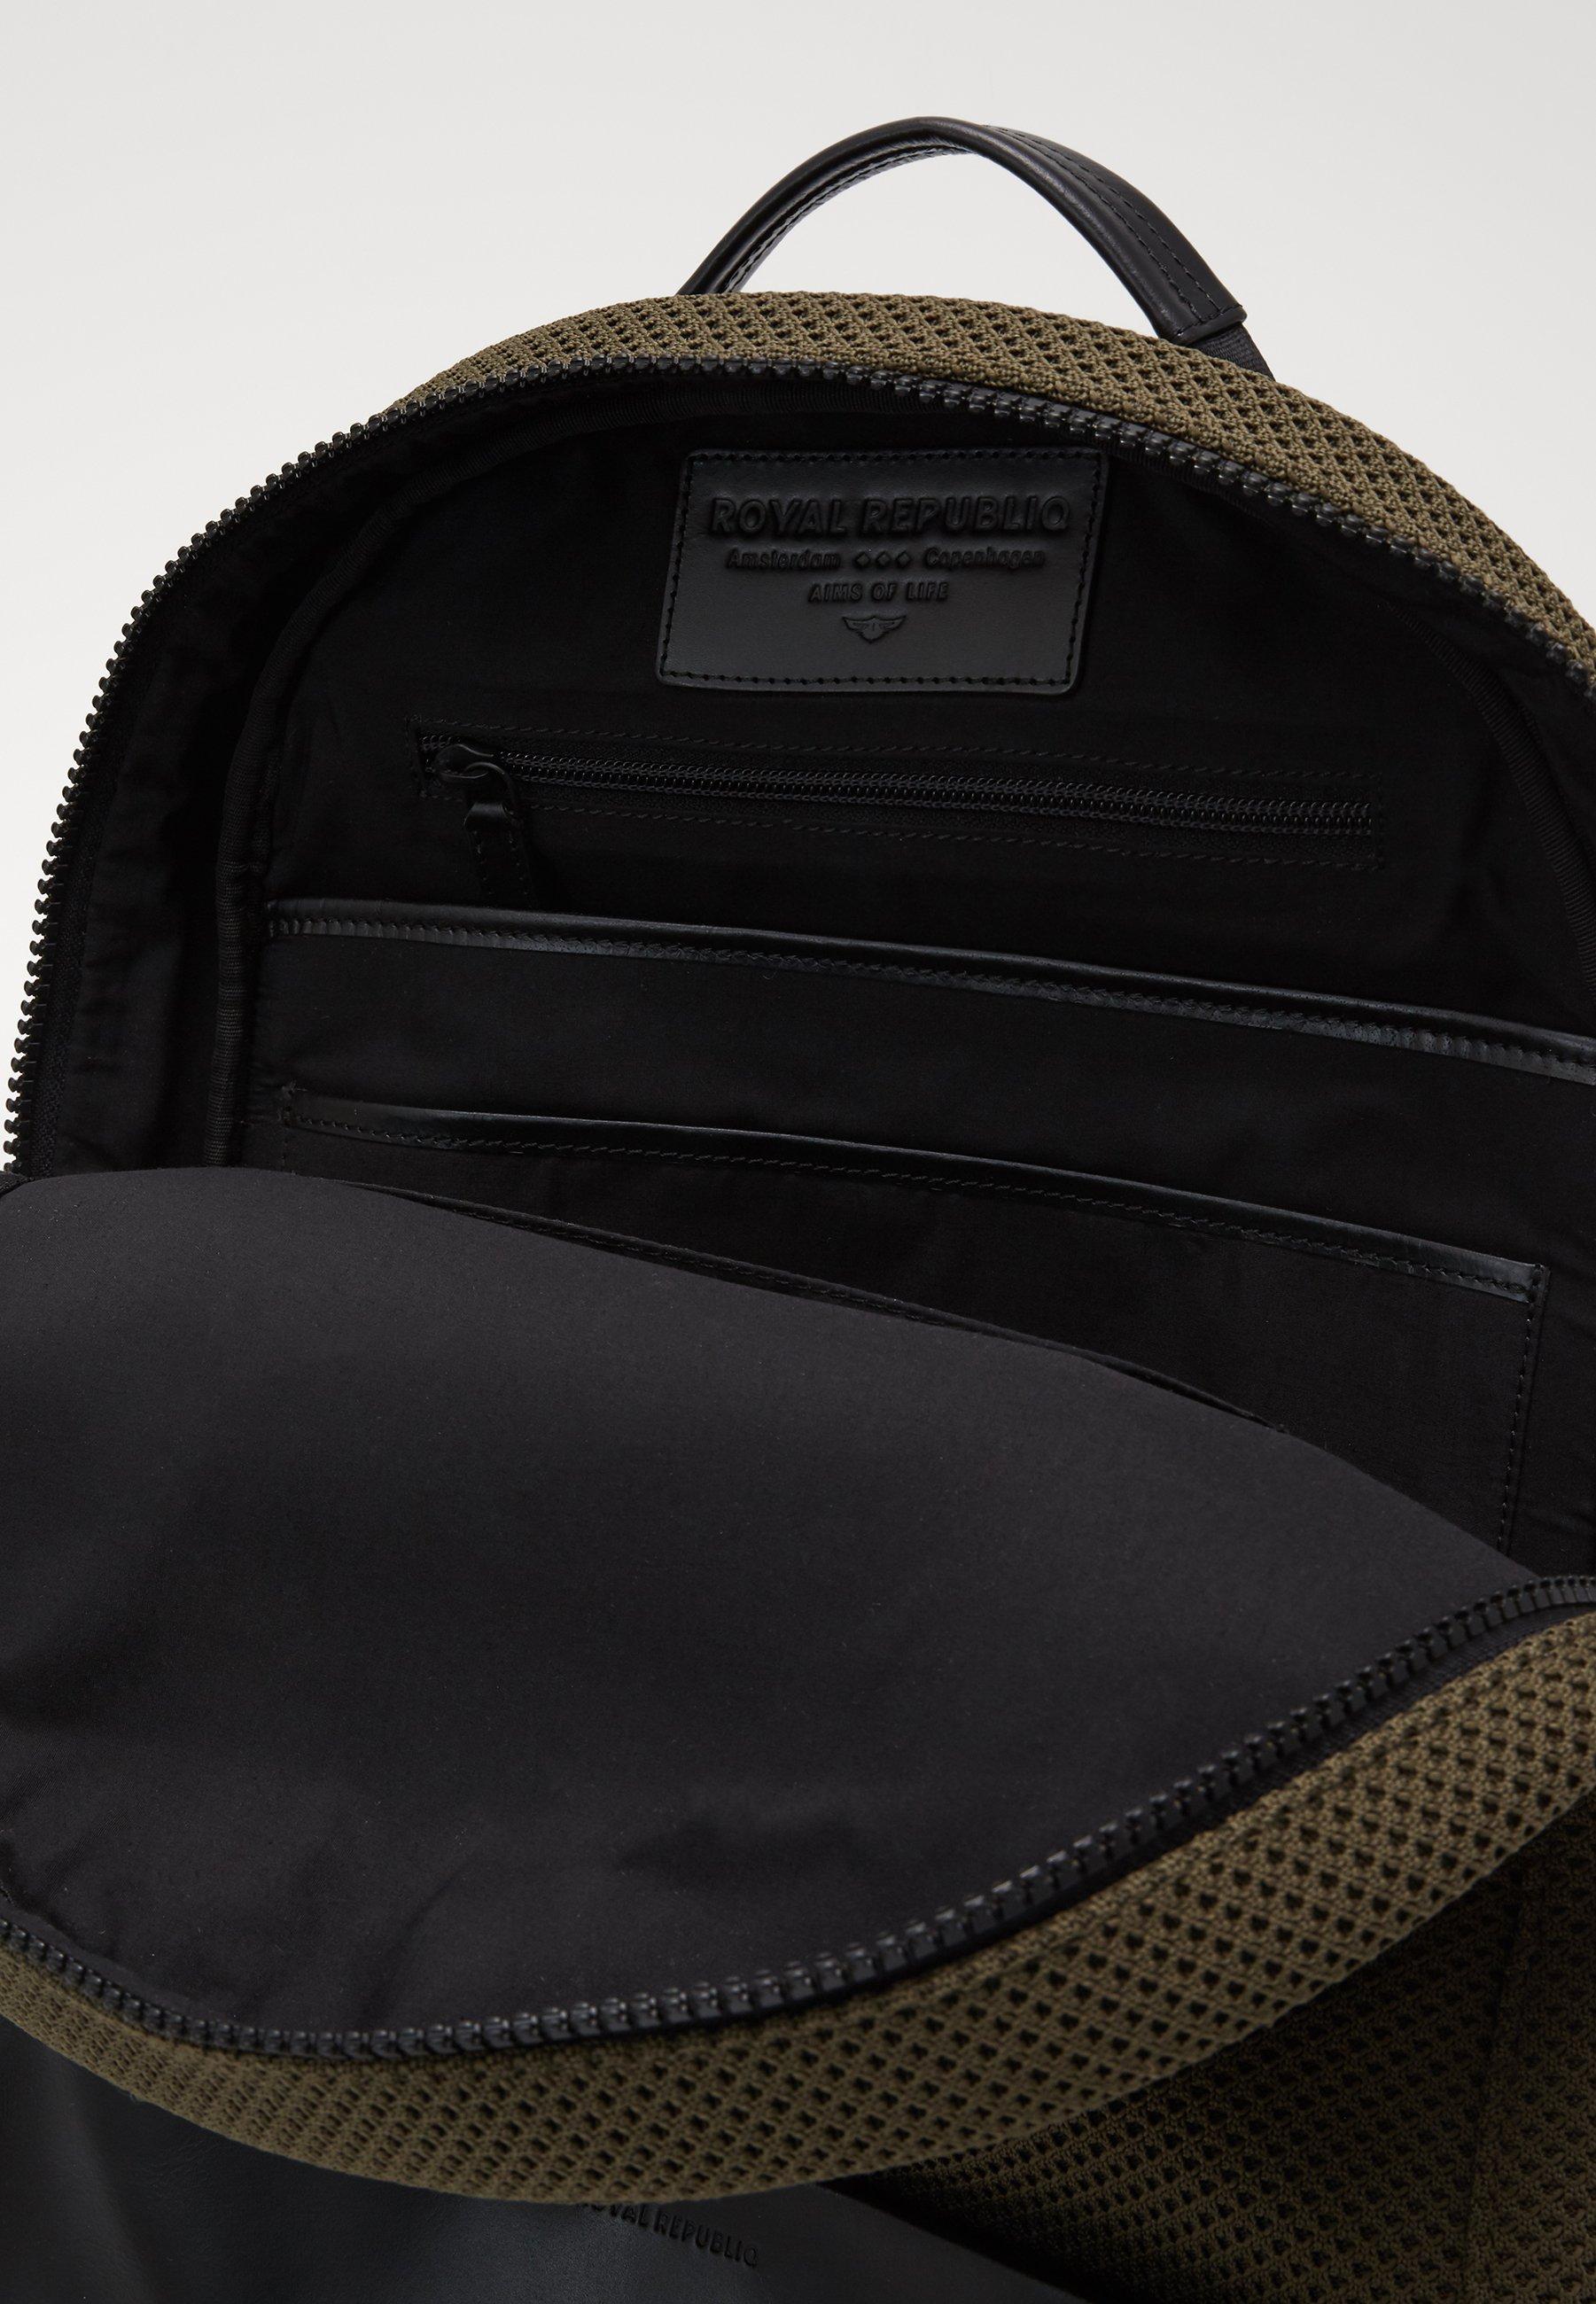 Royal RepubliQ SPRINT BACKPACK - Tagesrucksack - olive/khaki - Herrentaschen SuBLw